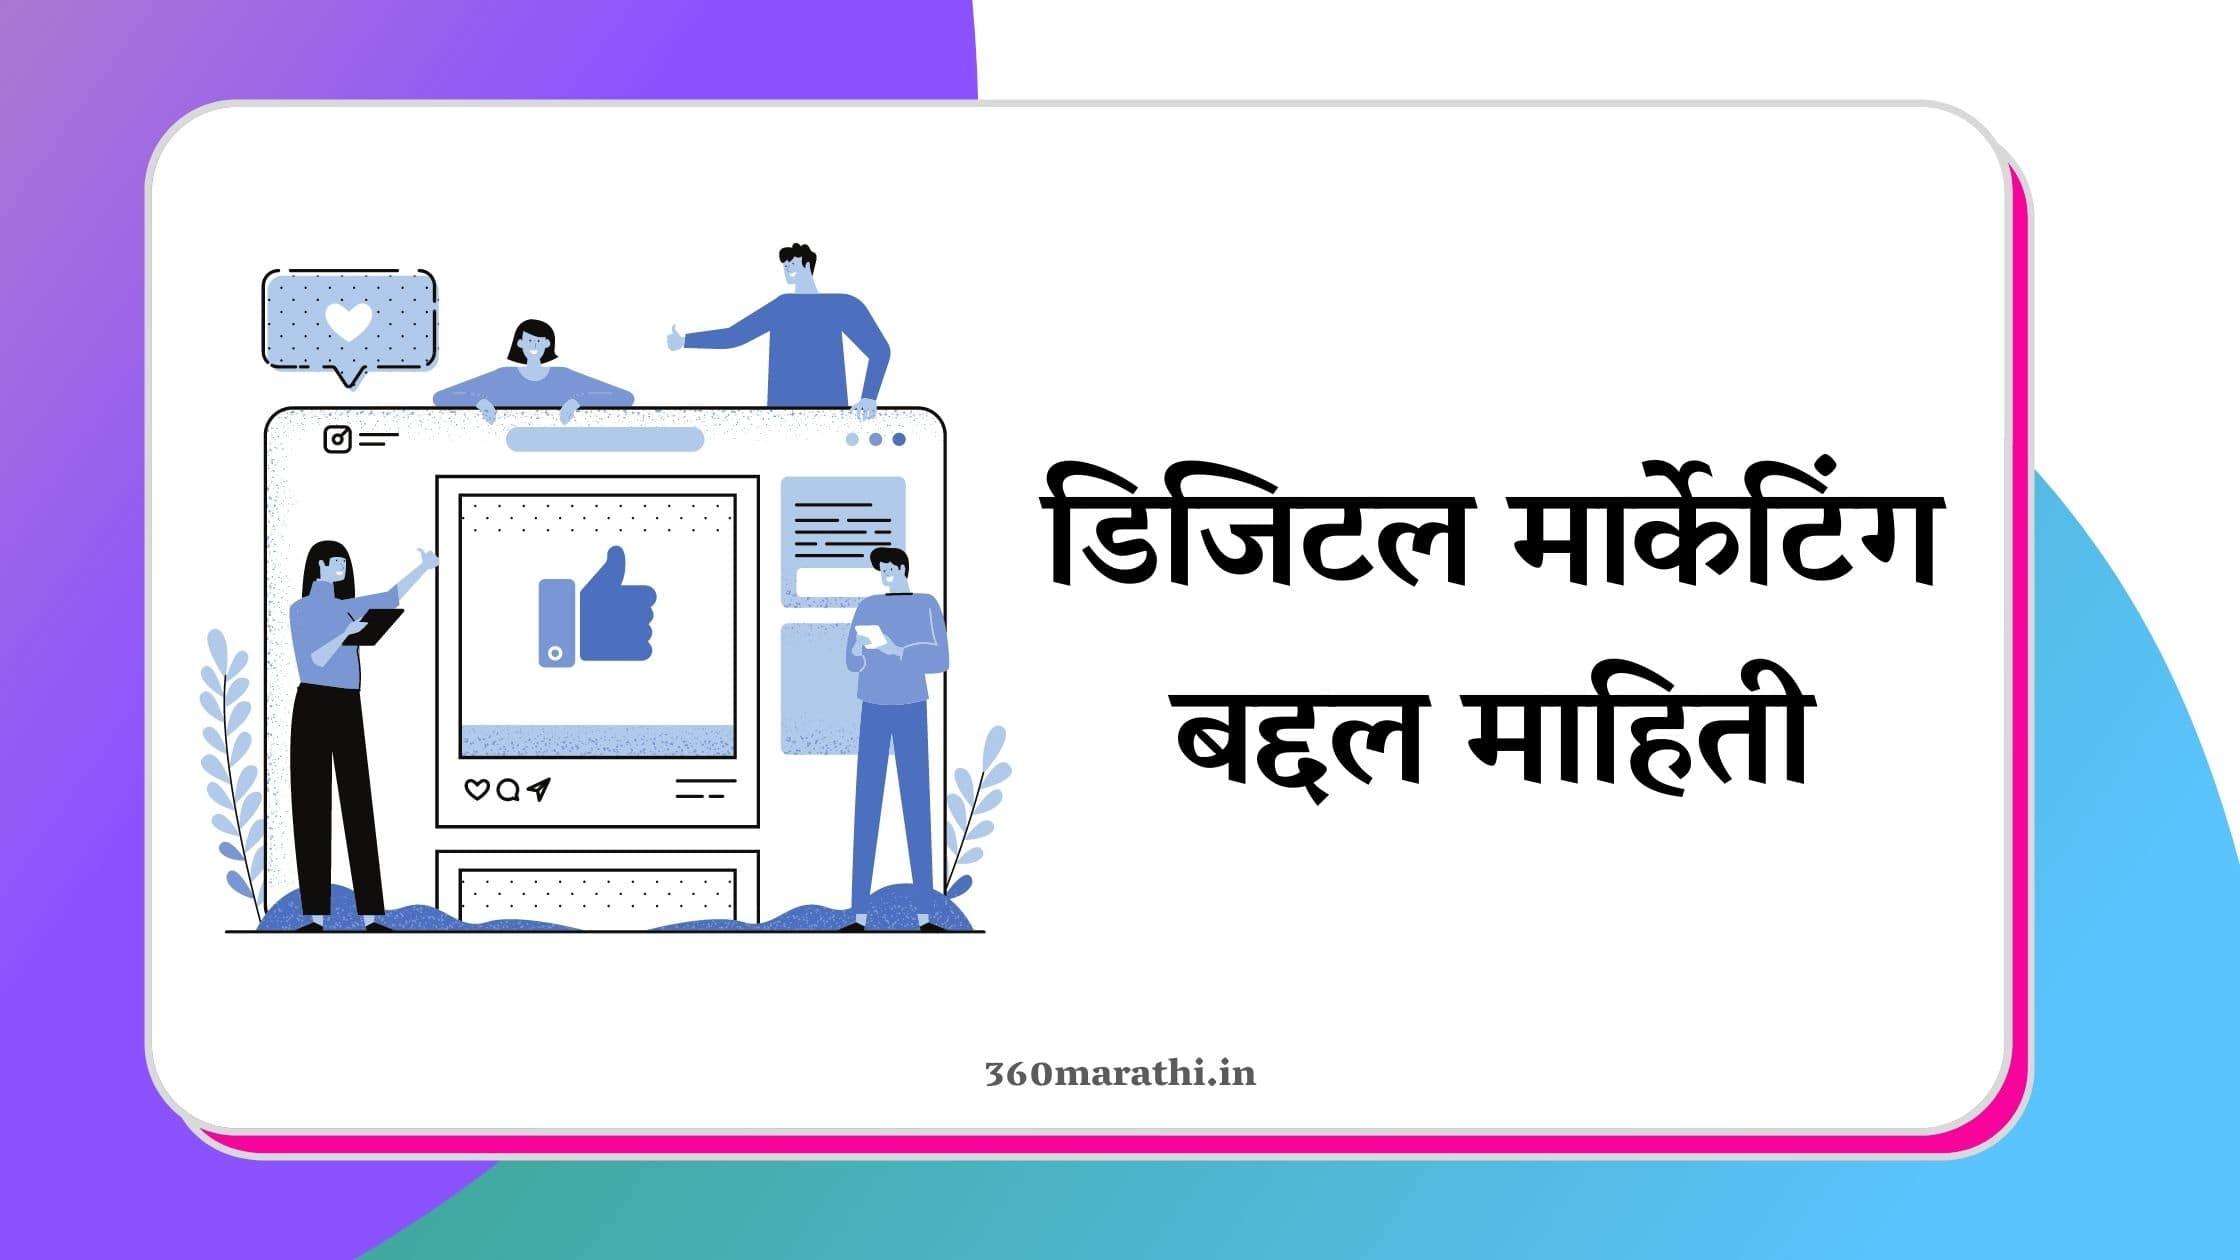 डिजिटल मार्केटिंग म्हणजे काय : फायदे, कशी शिकावी इत्यादी | digital marketing in marathi